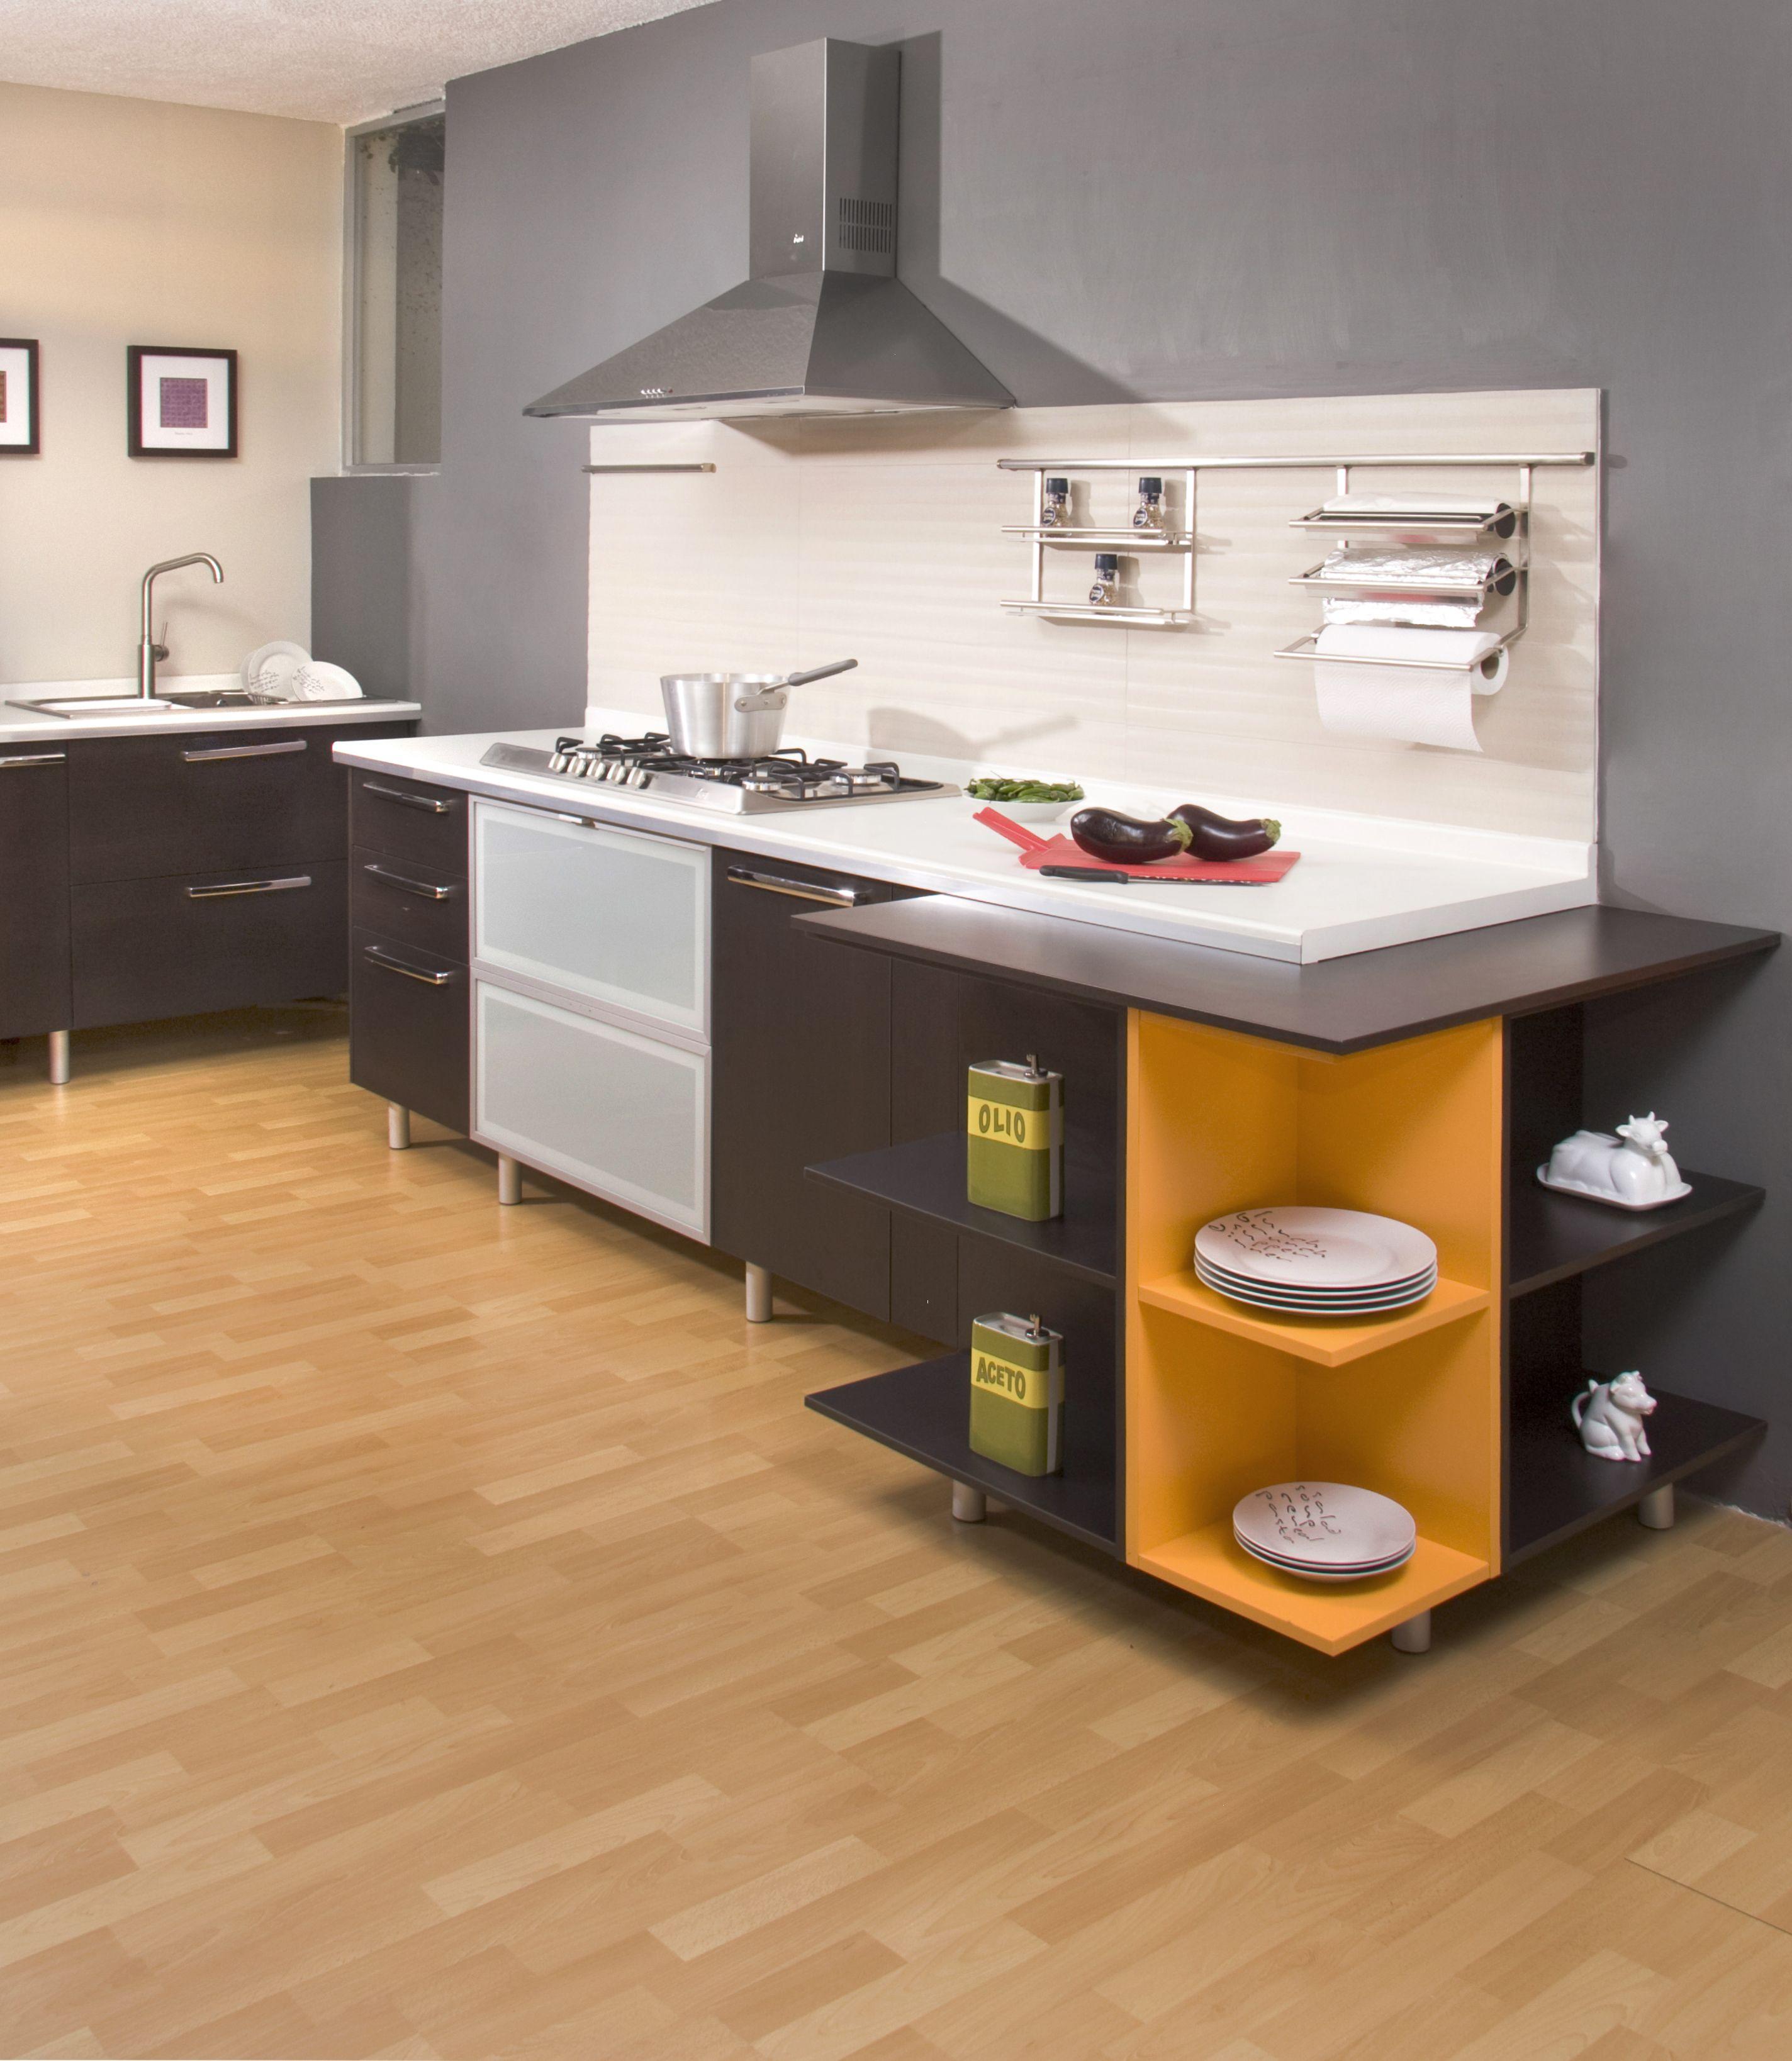 Acabados de cocinas excellent materiales para los muebles de cocina materiales para cocinas - Acabados de cocinas ...